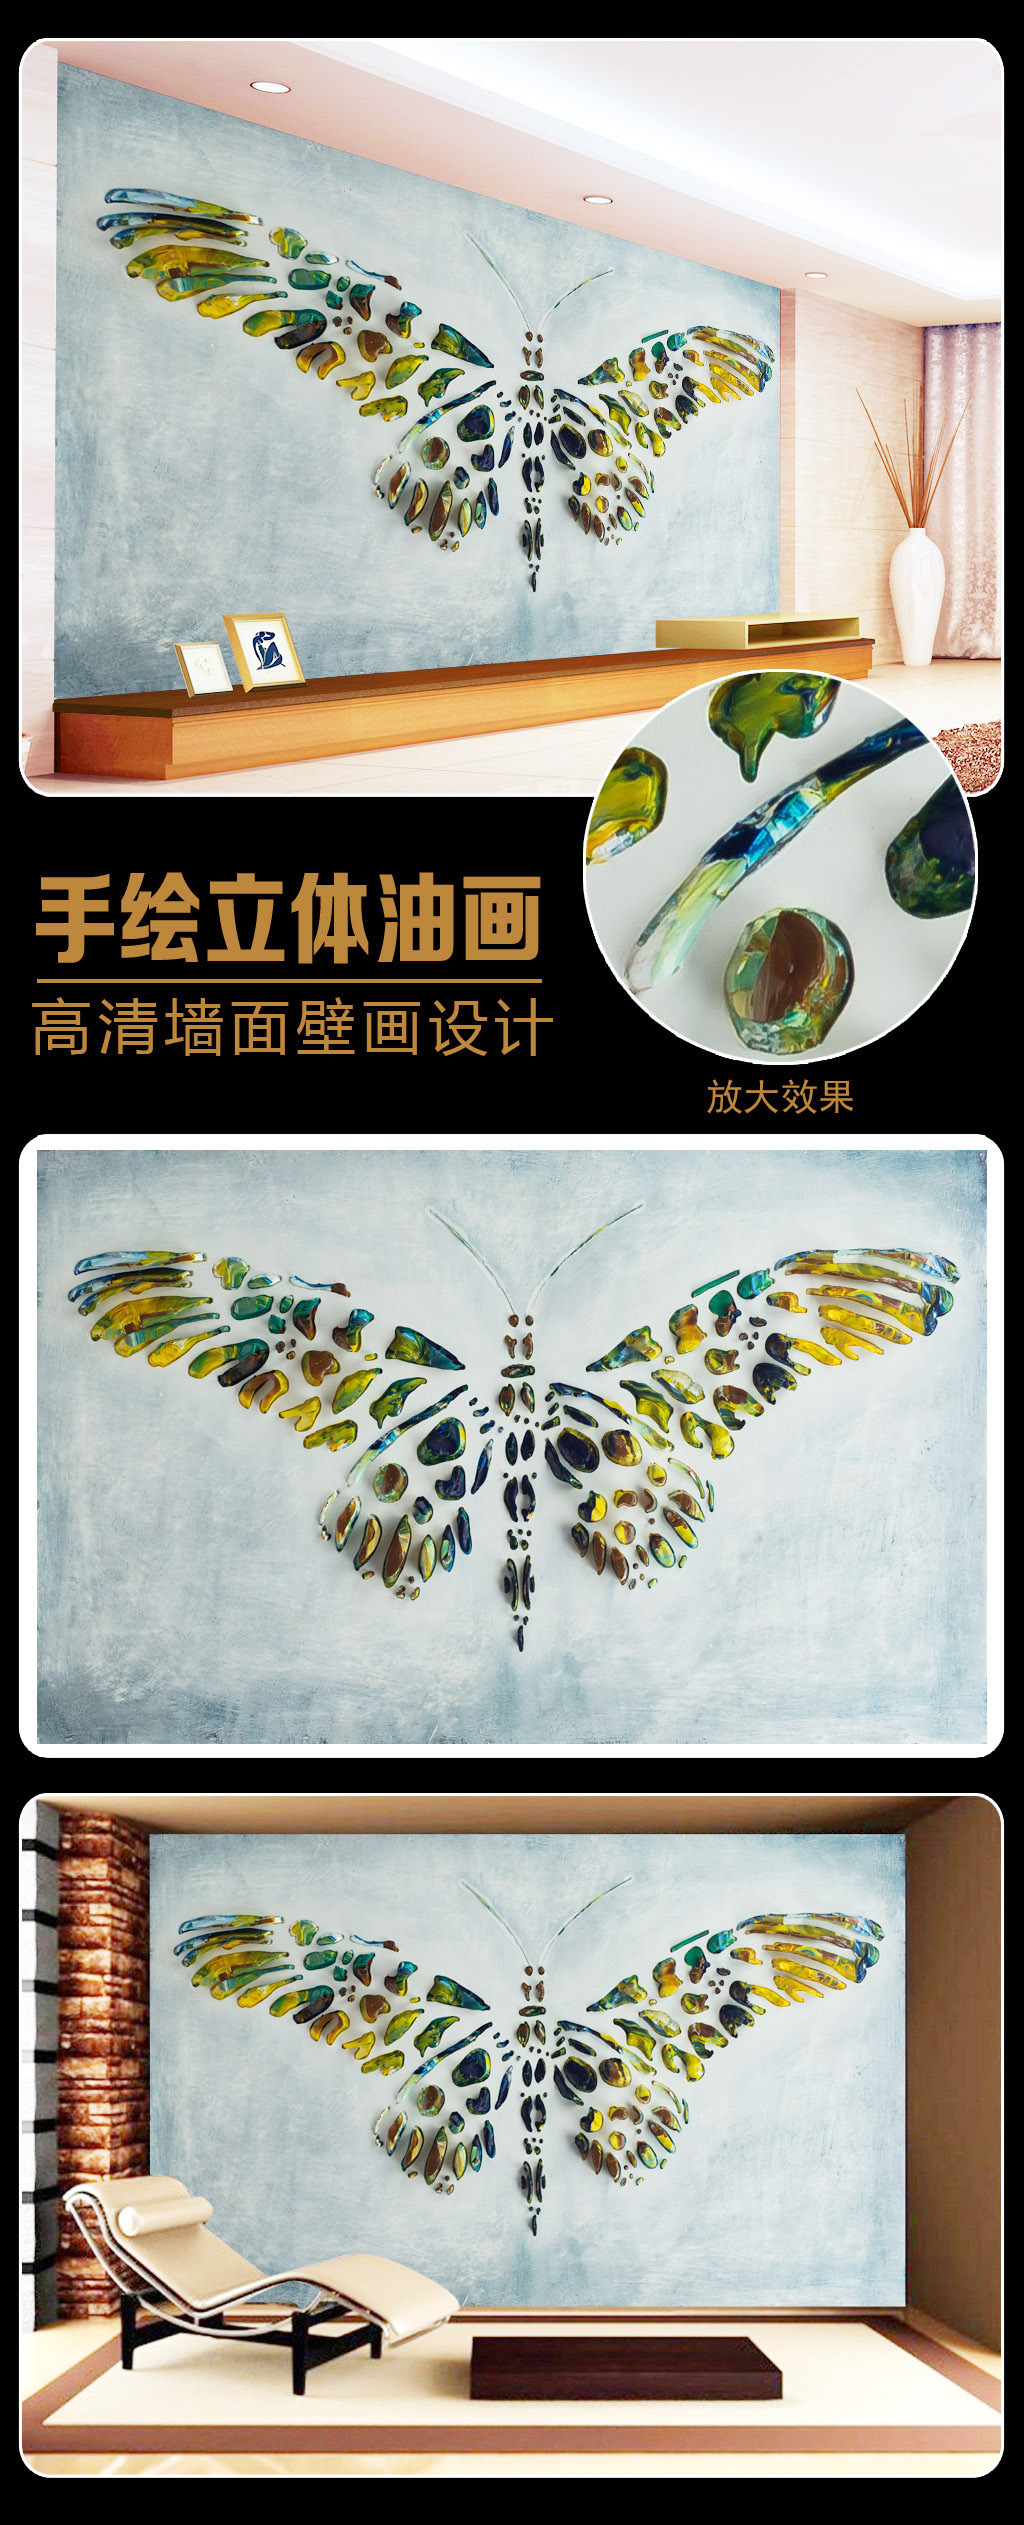 3d立体手绘抽像浮雕蝴蝶油画装饰画壁画